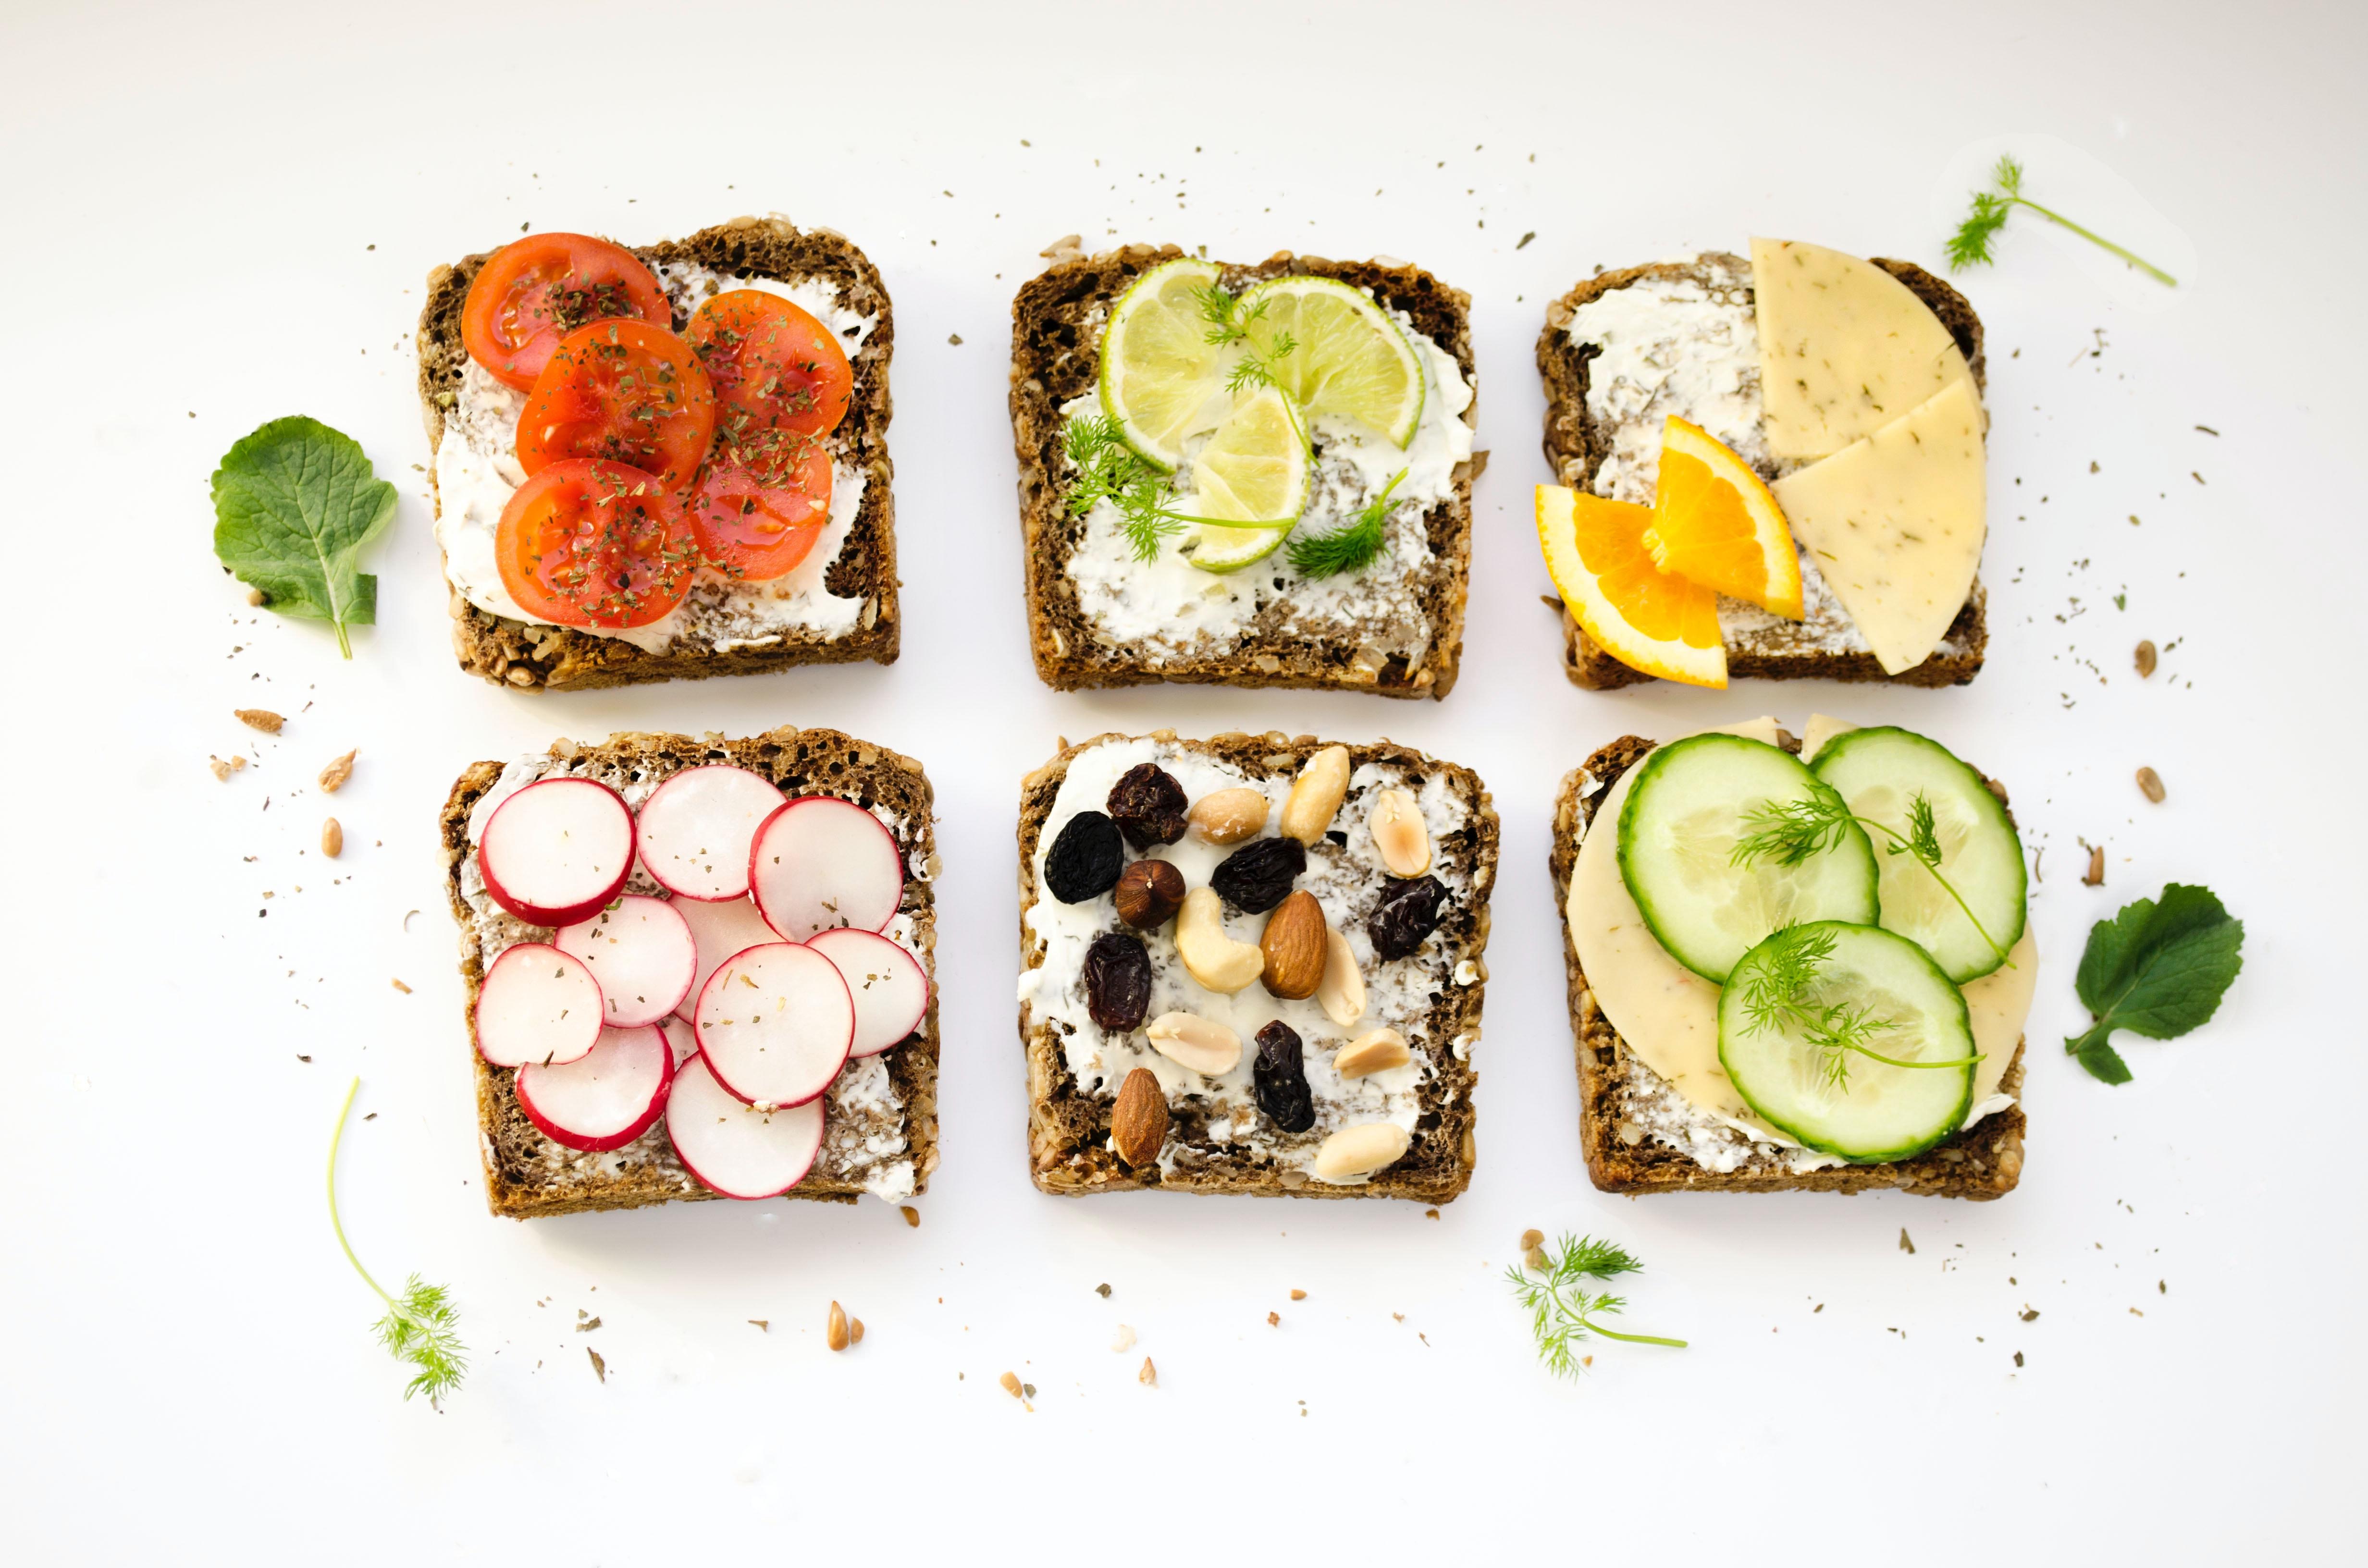 ideas de emprendimiento comida saludable